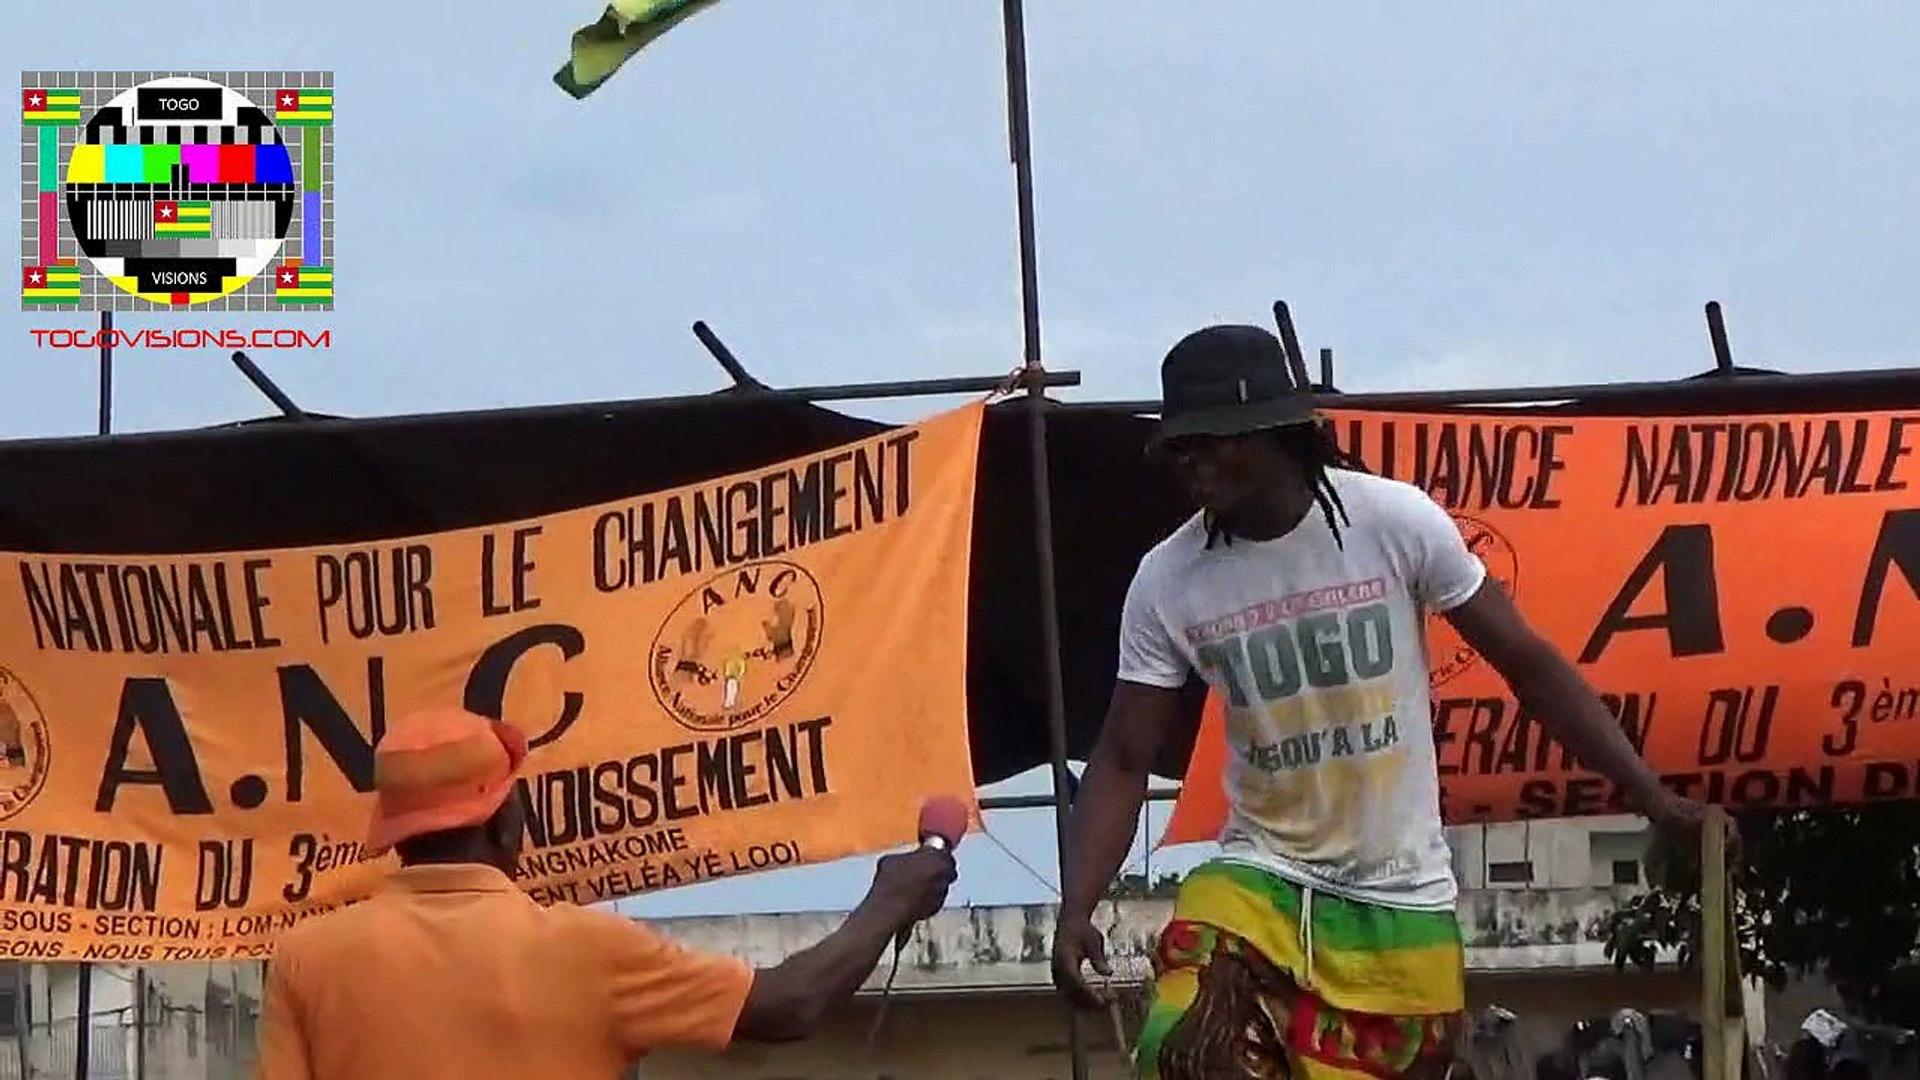 Amen Jah Cissé: le jour où on se lèvera de Lomé à Cinkassé, ça va chauffer